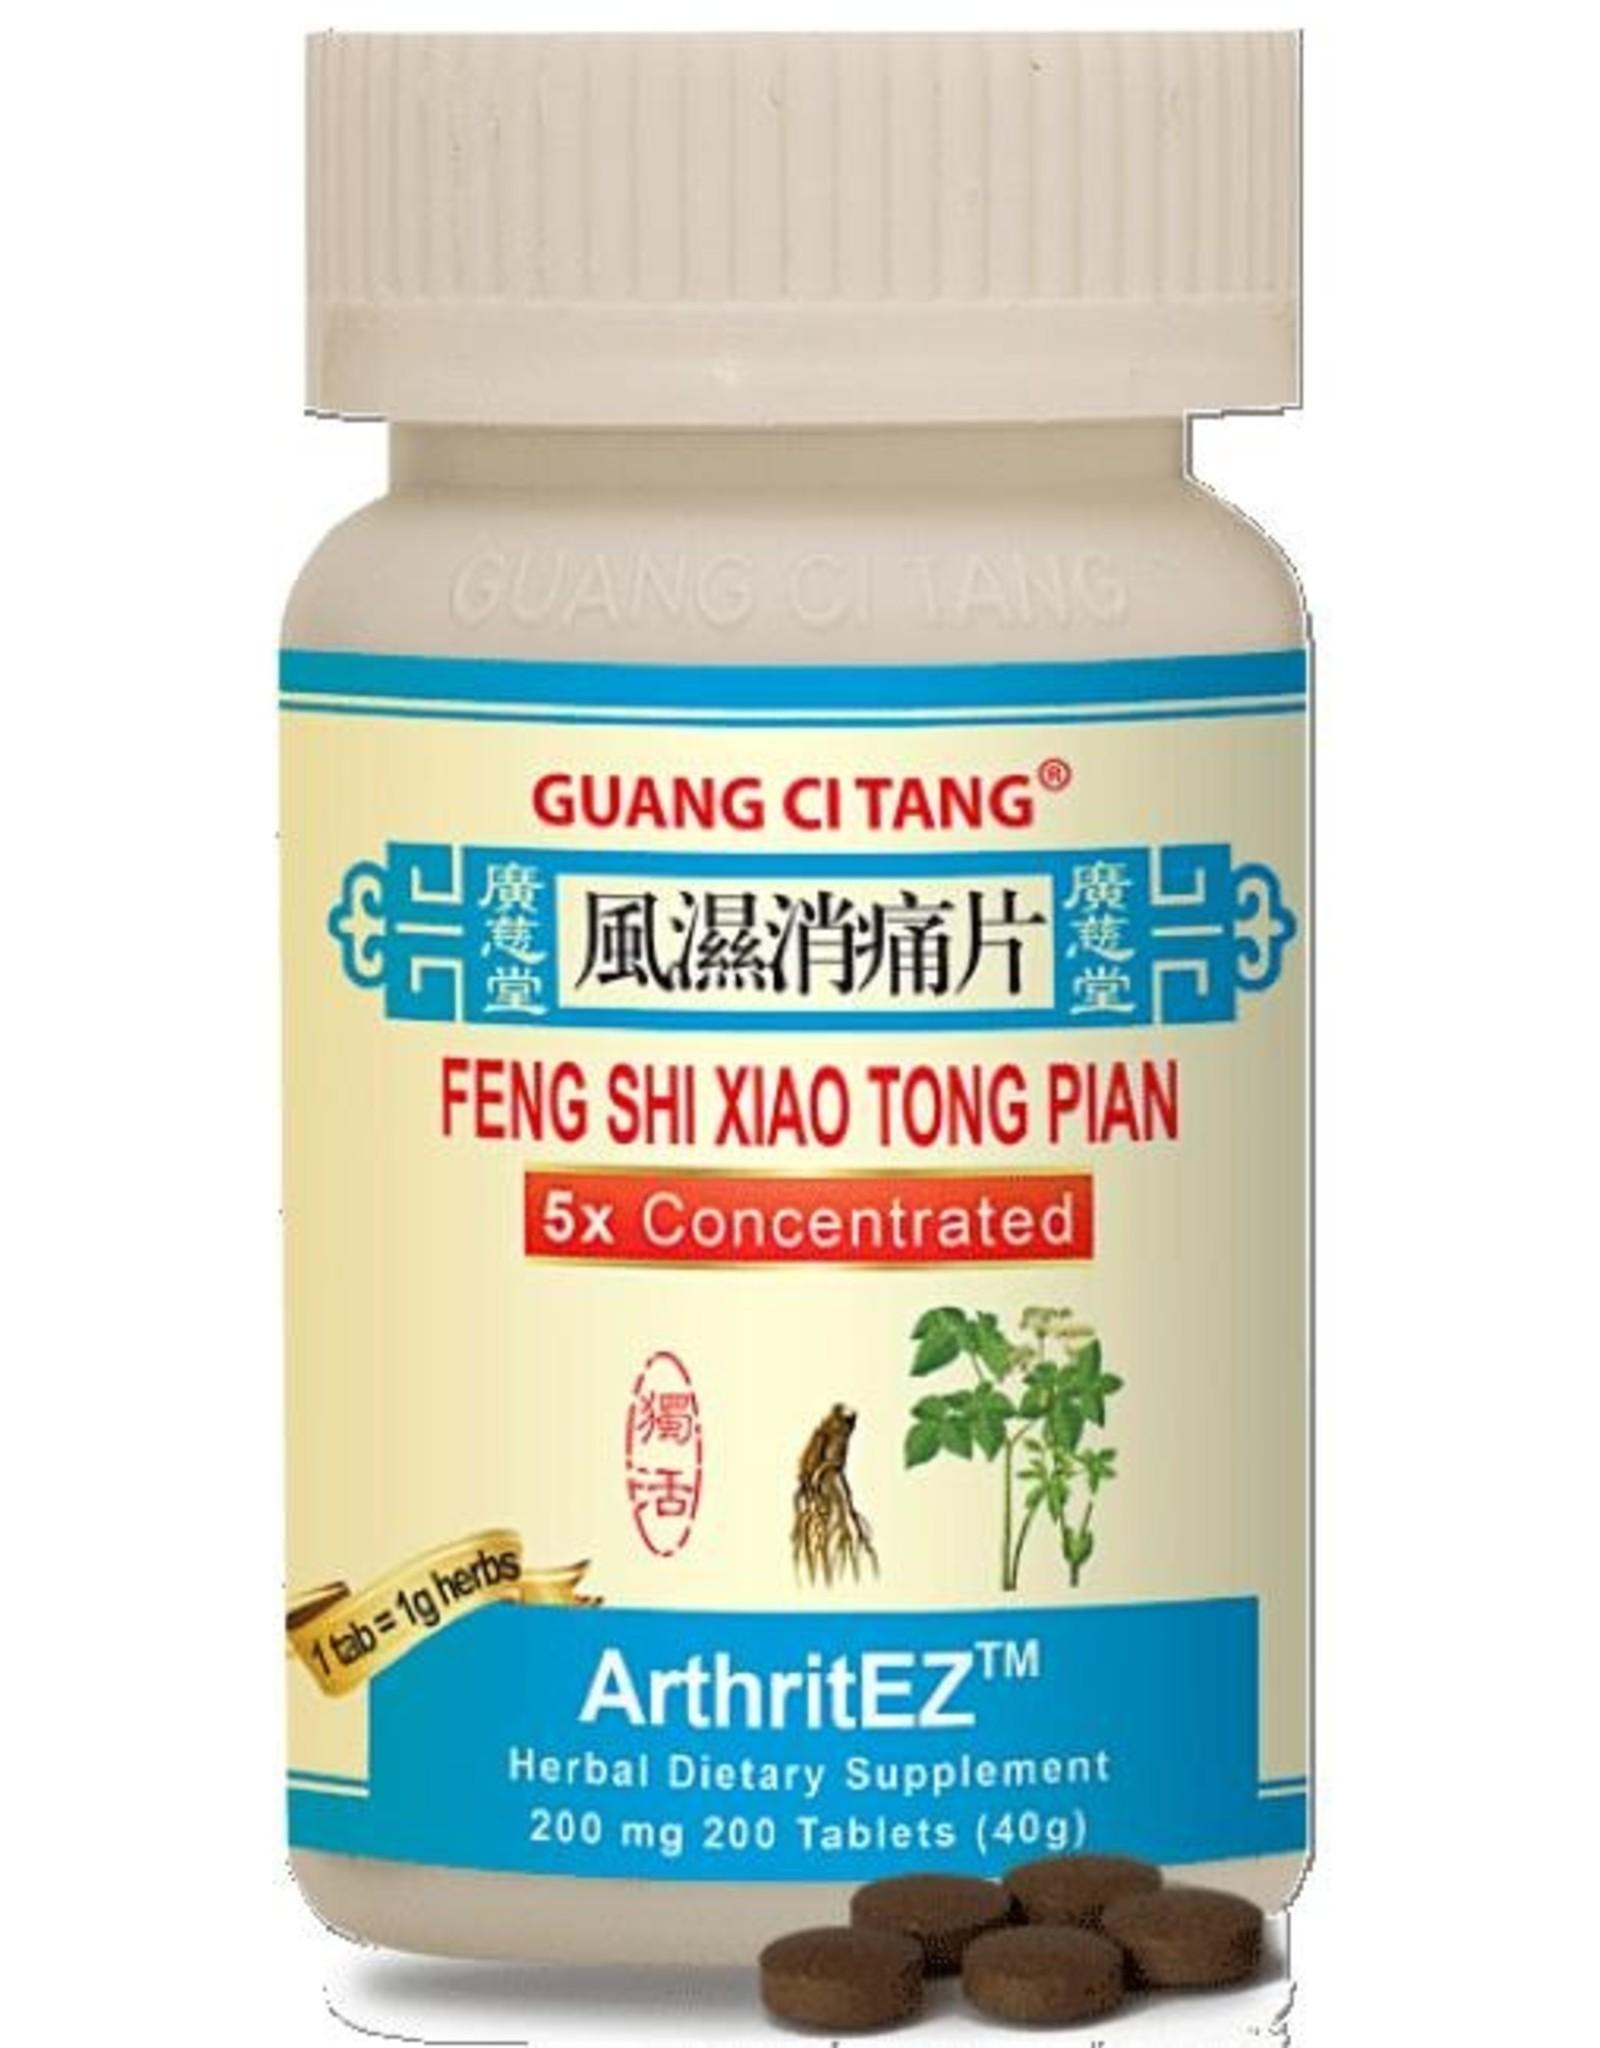 Guang Ci Tang EZJoint (Feng Shi Xiao Tong Pian)